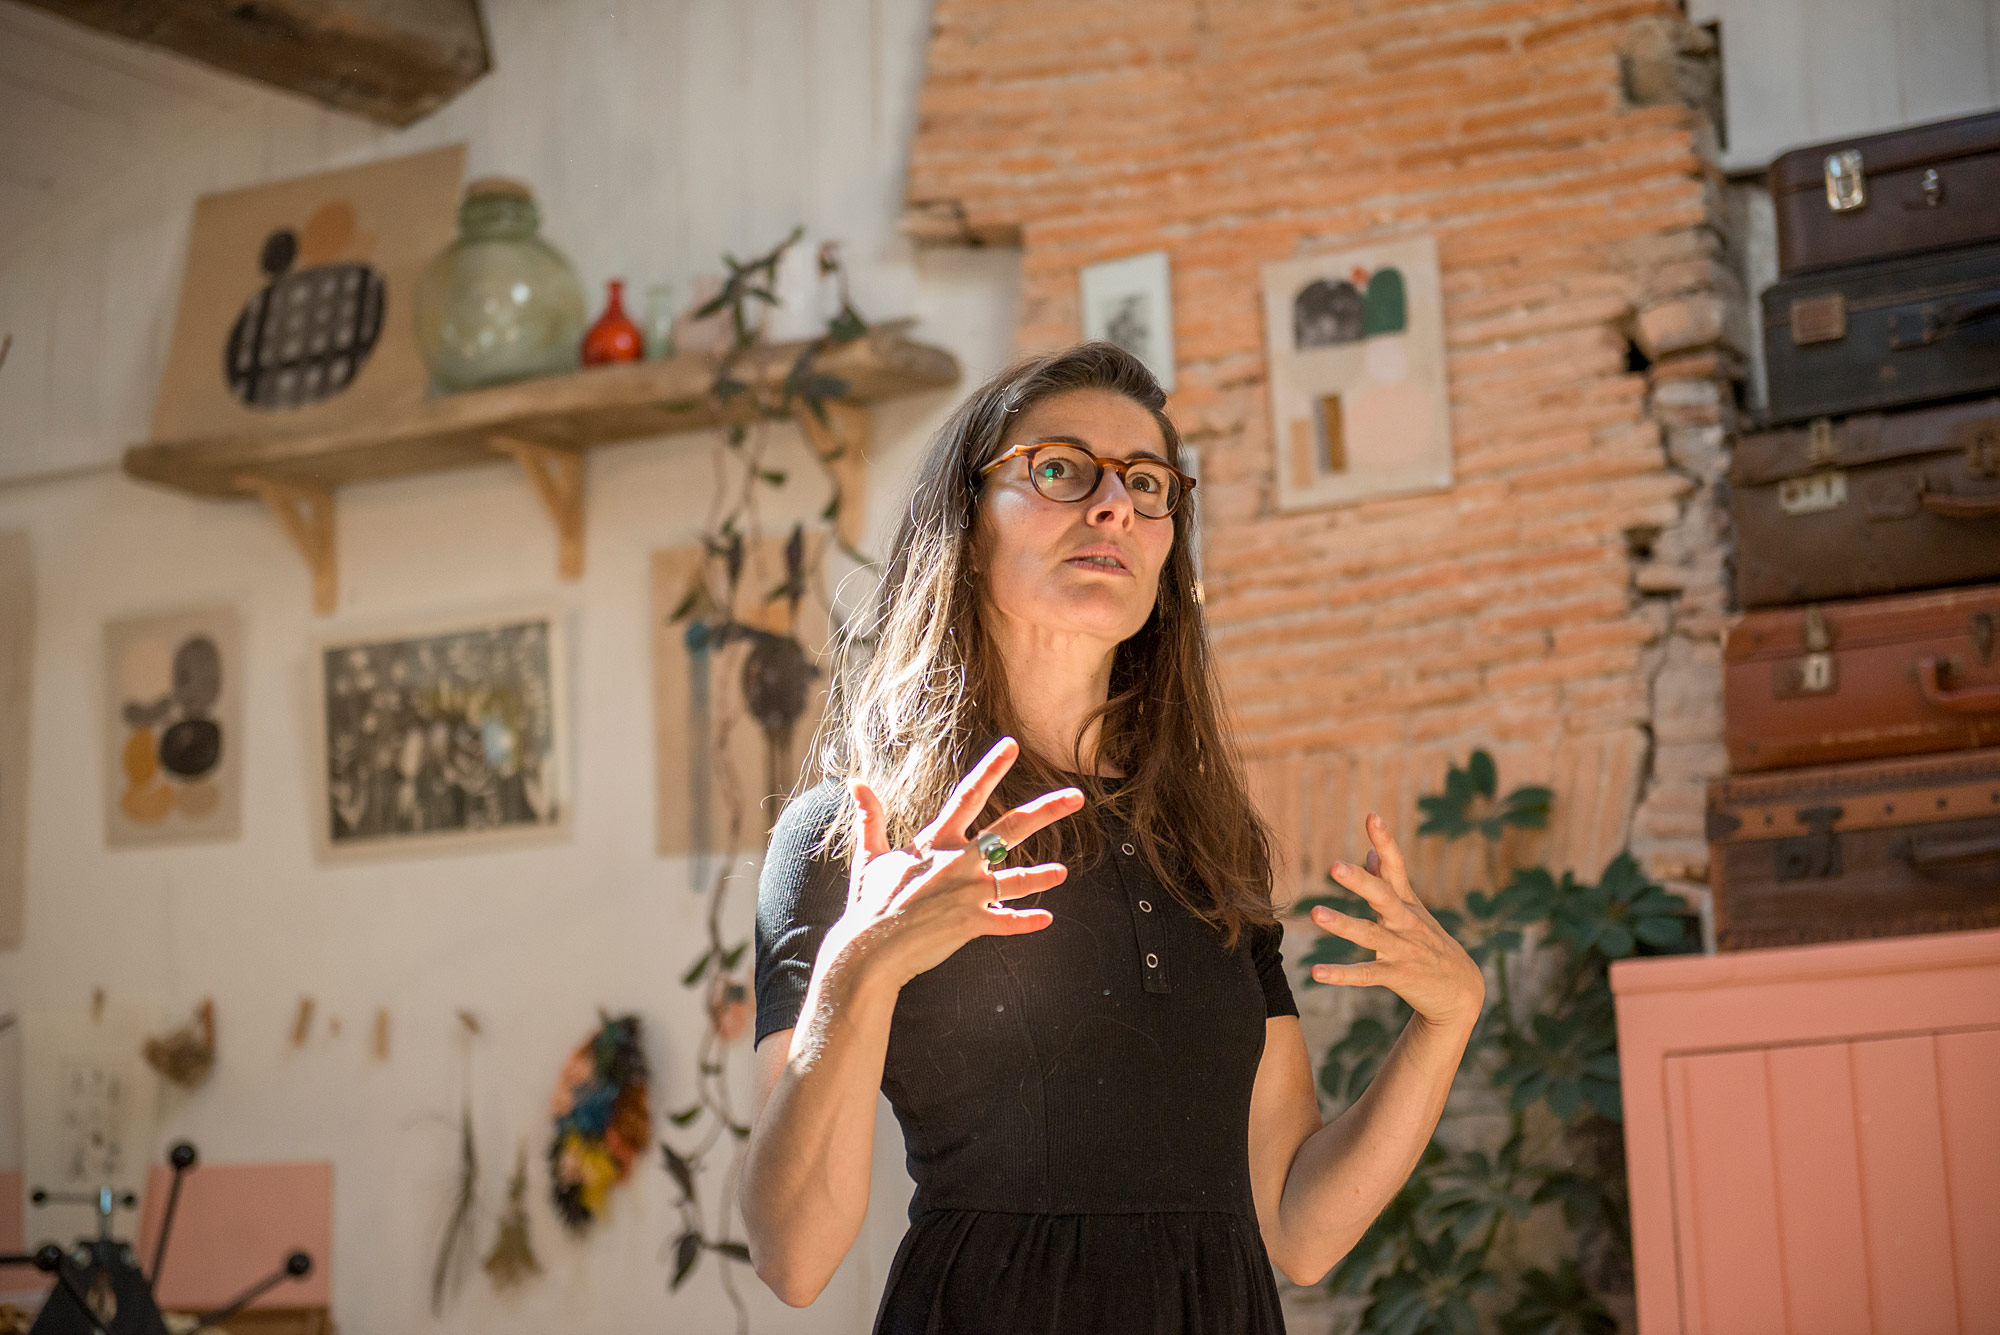 sophie-morille-atelier-artiste-designer-interview-nantes-étonnantes-solenn-cosotti-remy-lidereau-photographie-entretien-teinture-végétale-peinture-illustration-création-créatrice-portrait-femmes